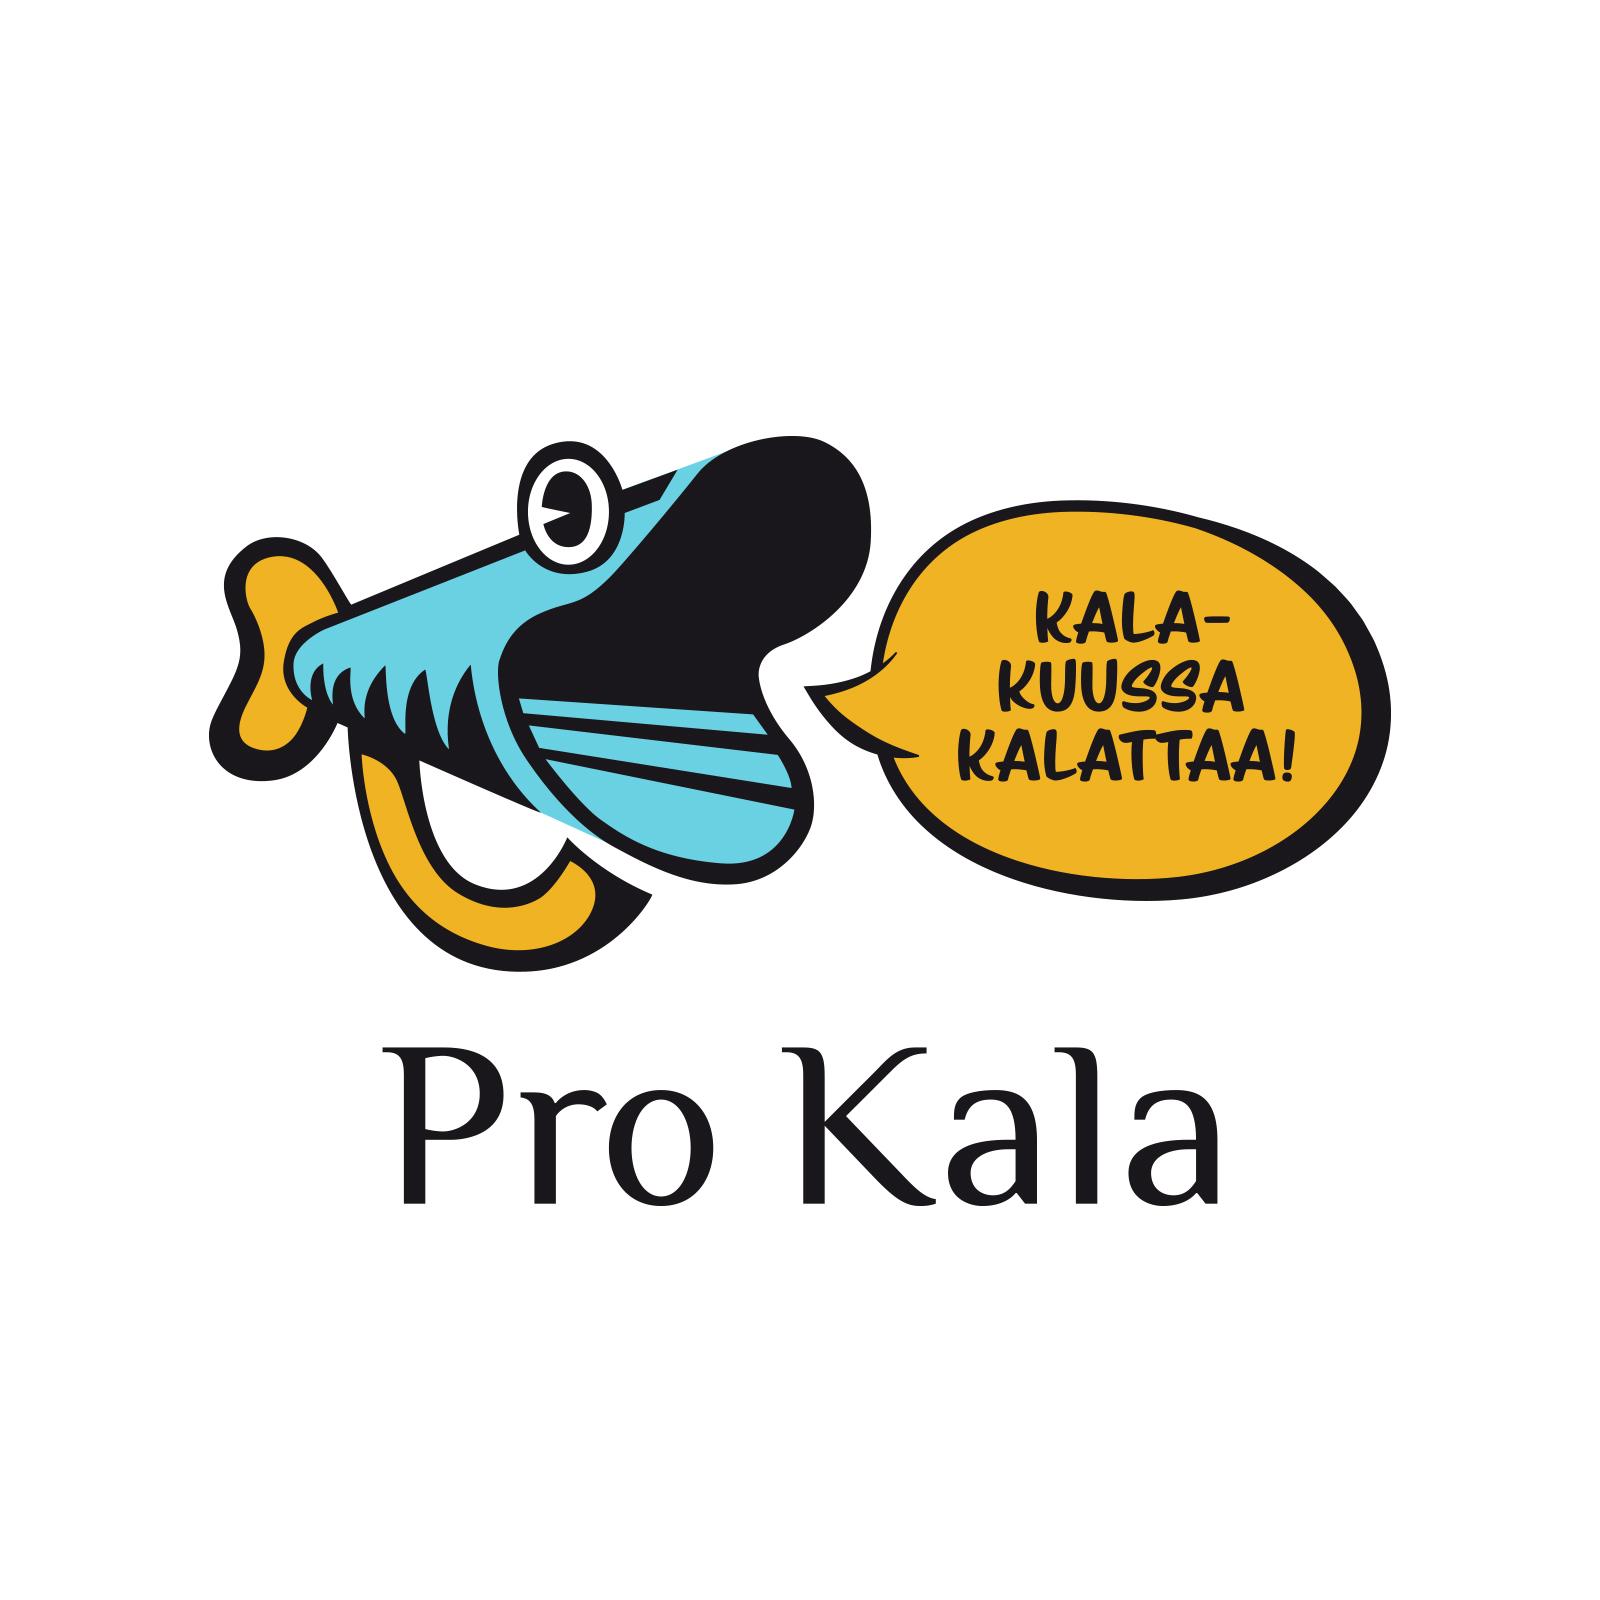 Pro Kalan logo ja teksti: Kalakuussa kalattaa